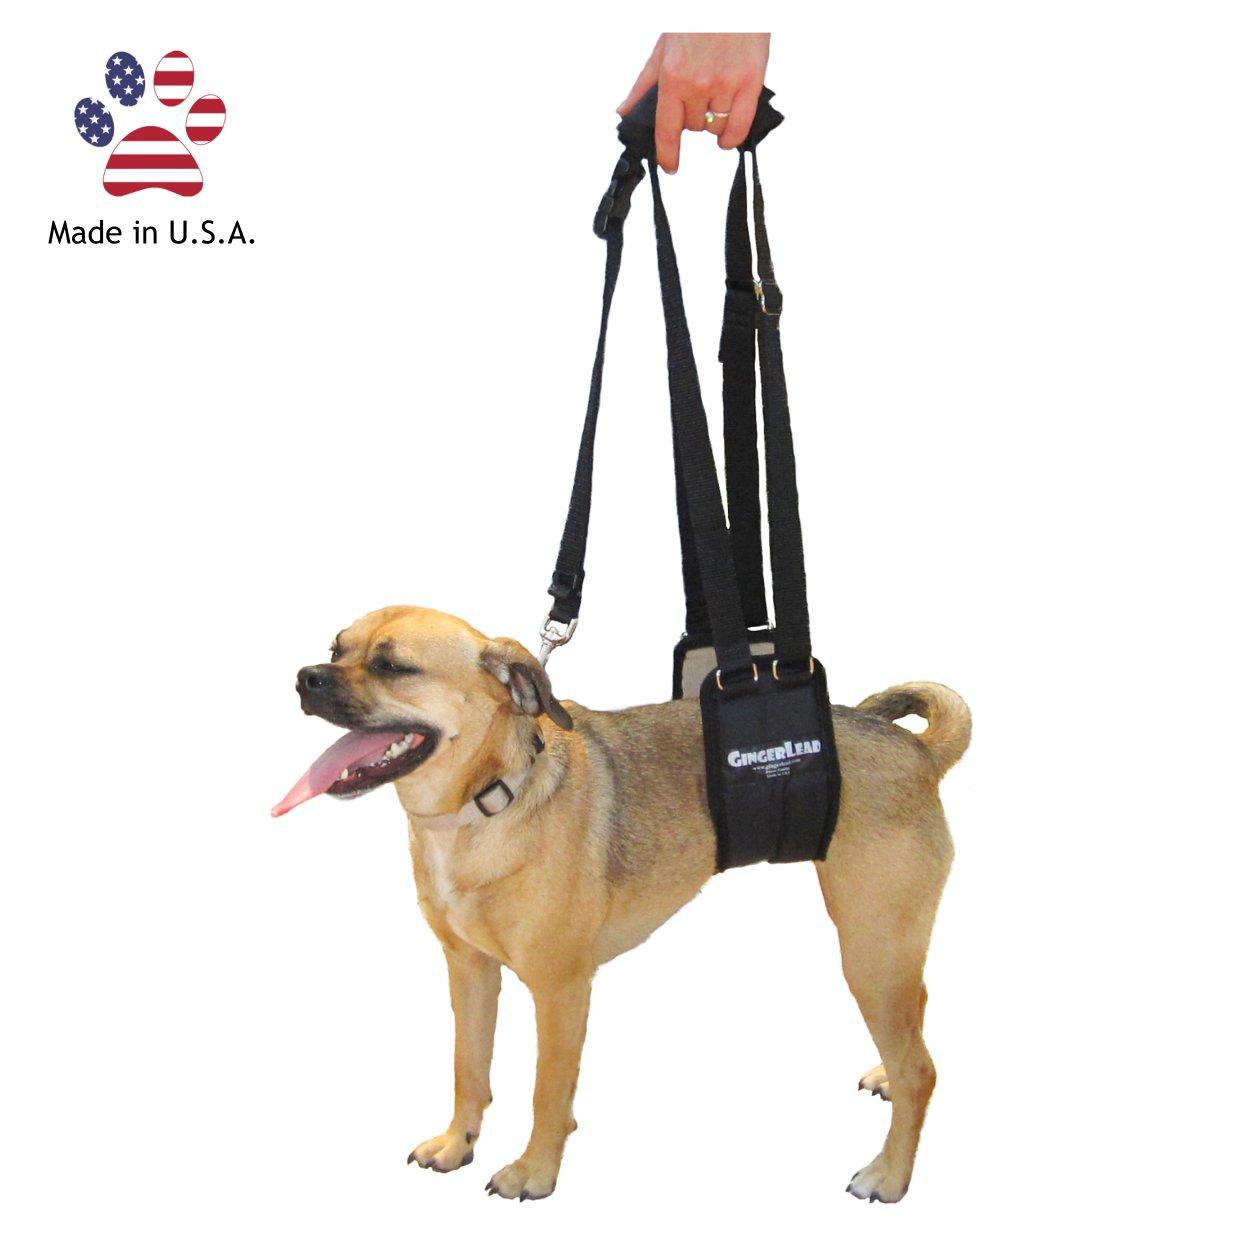 Arnes acolchado apoyo perras con correa- Pequeñas hembras